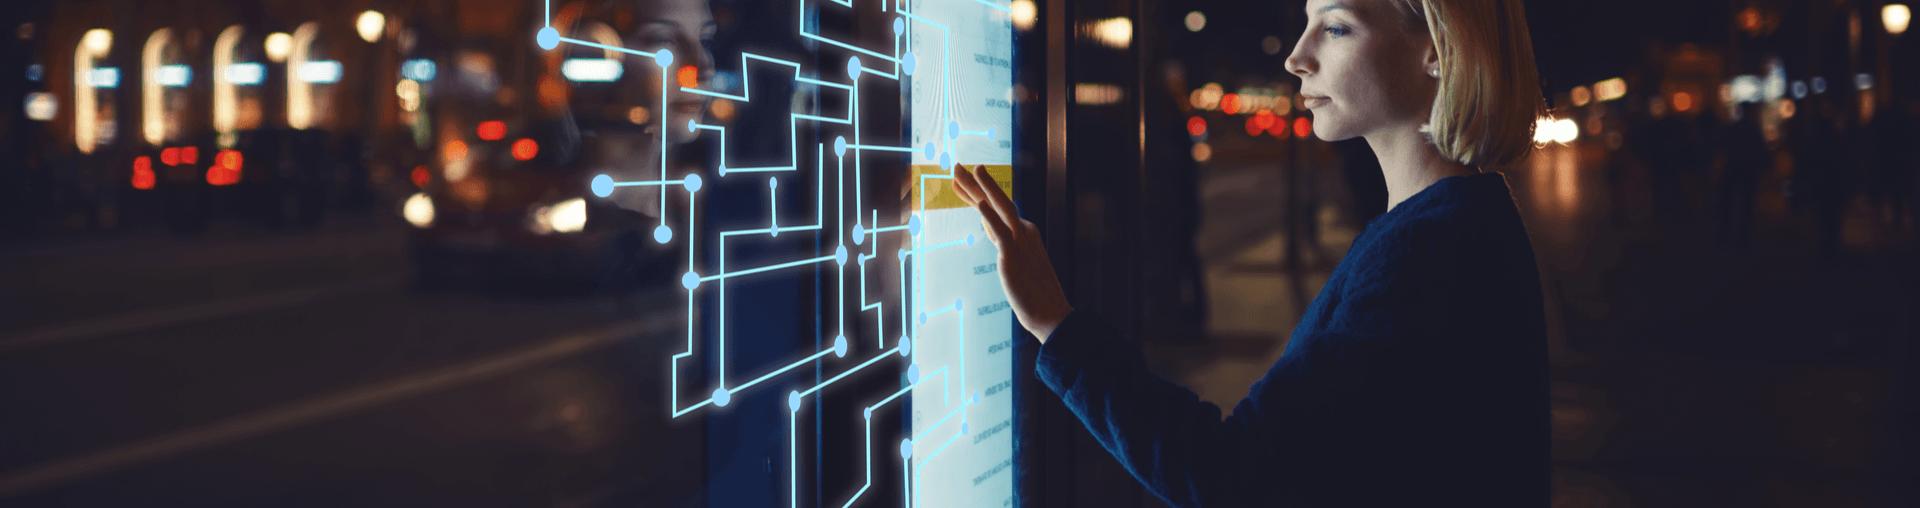 digitalizarea HR-ului